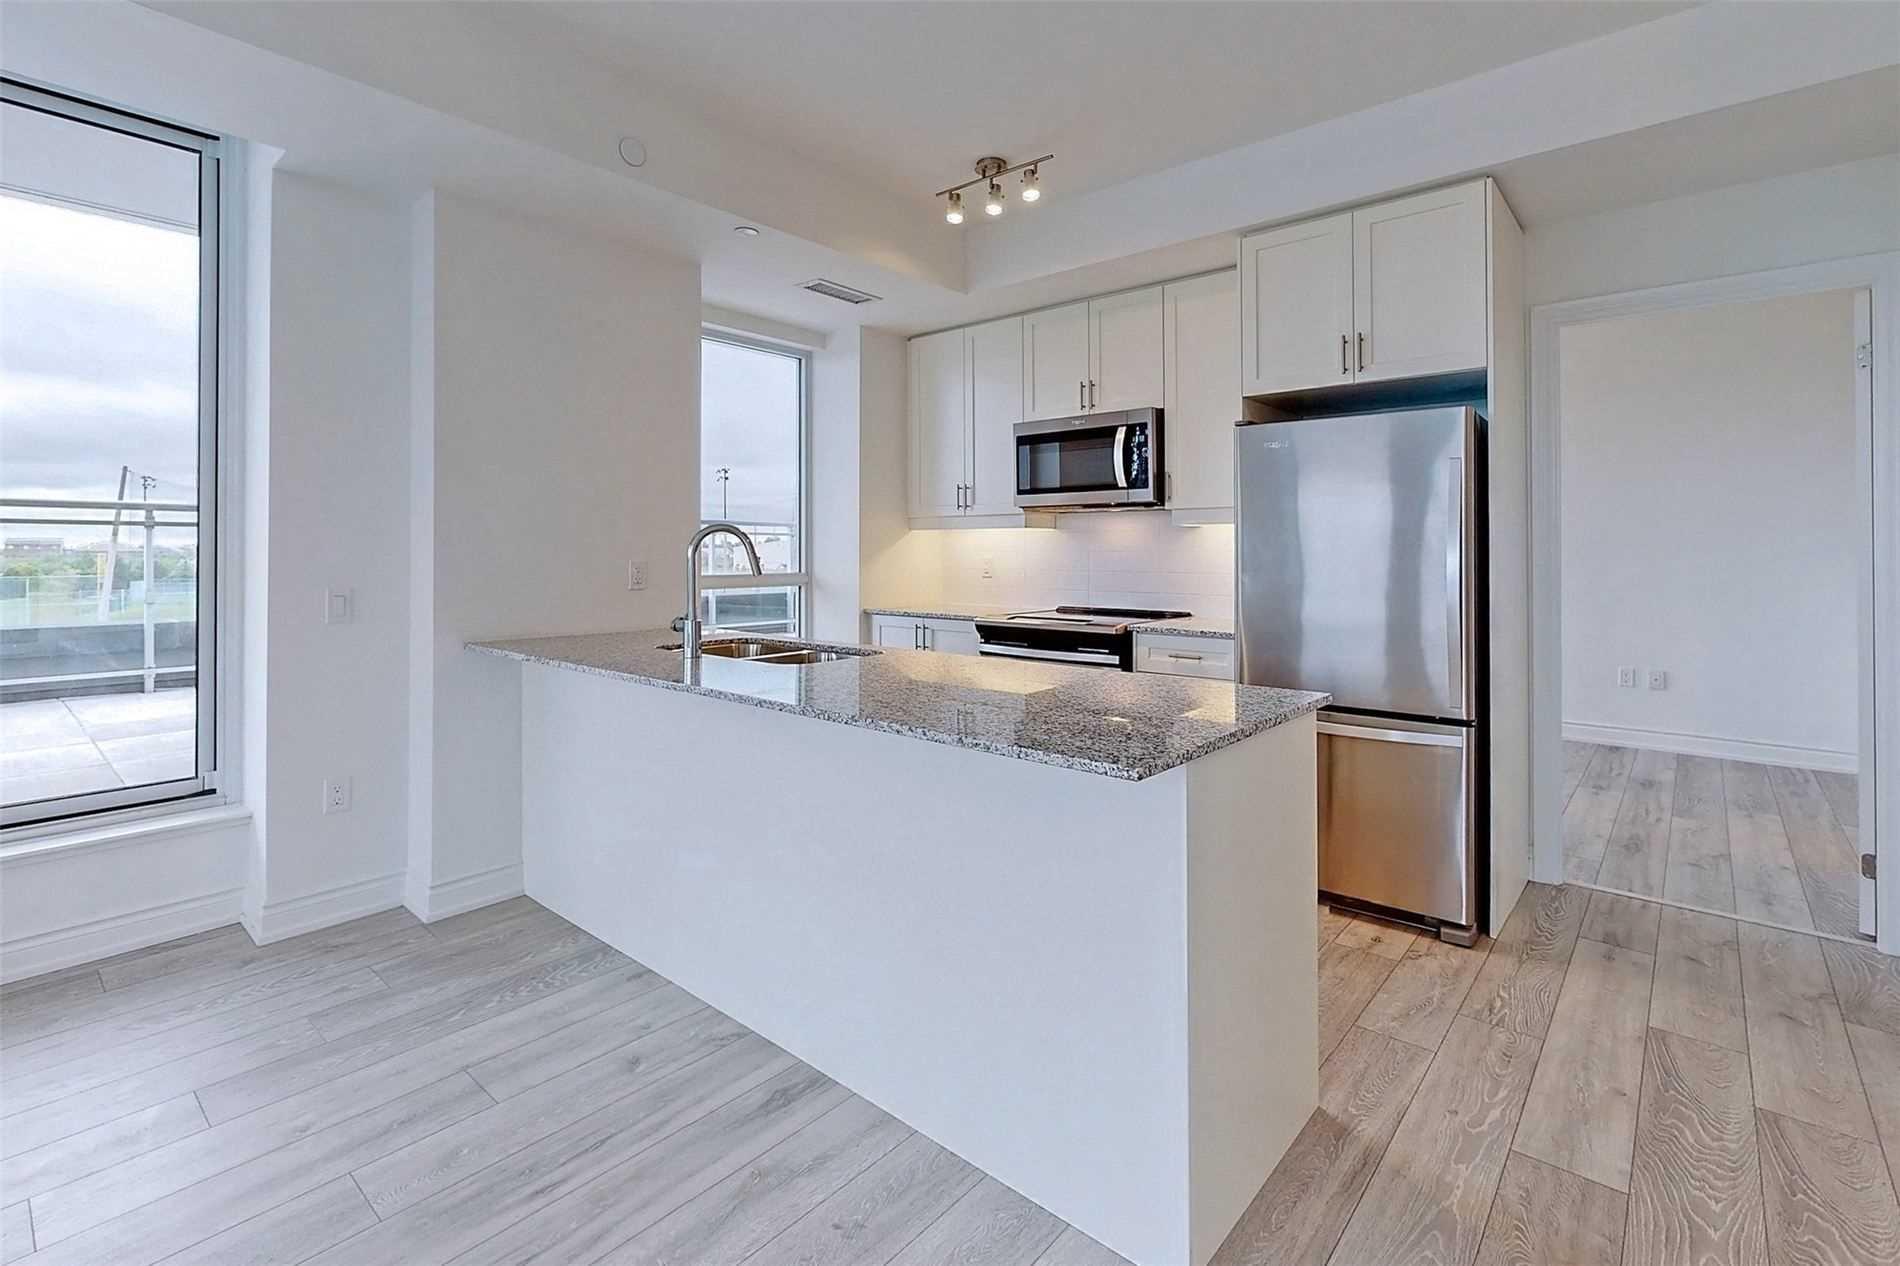 221 - 1050 Main St E - Dempsey Condo Apt for sale, 3 Bedrooms (W5398557) - #16